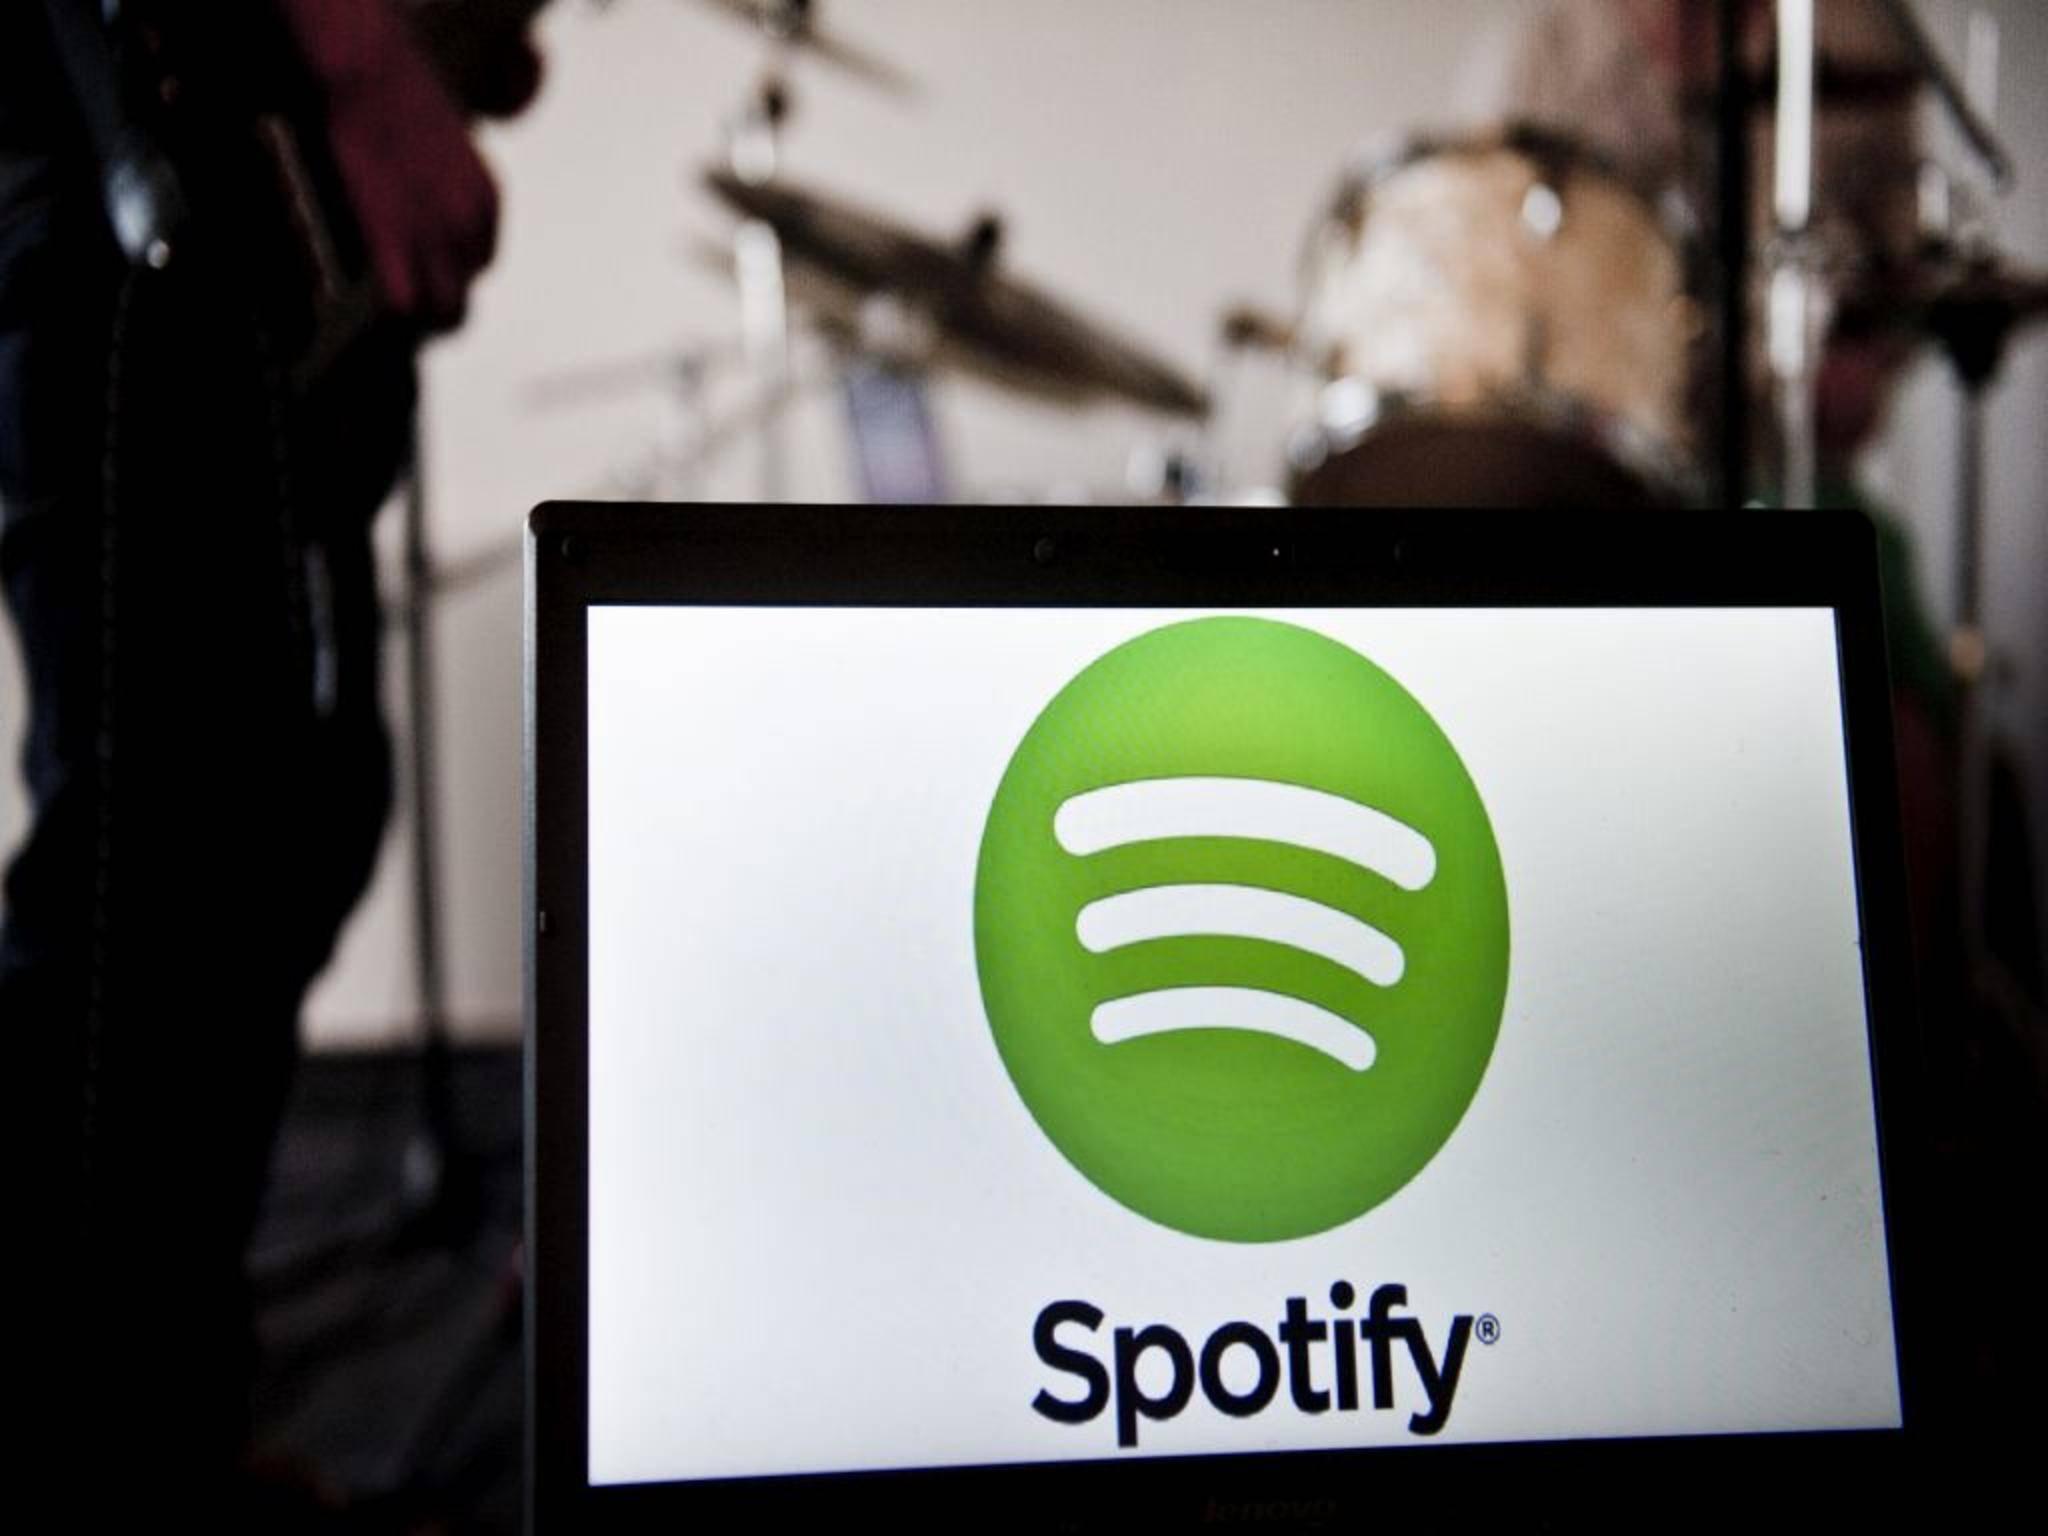 Angriff auf Spotify: YouTube bereitet anscheinend einen Musik-Streaming-Dienst vor.